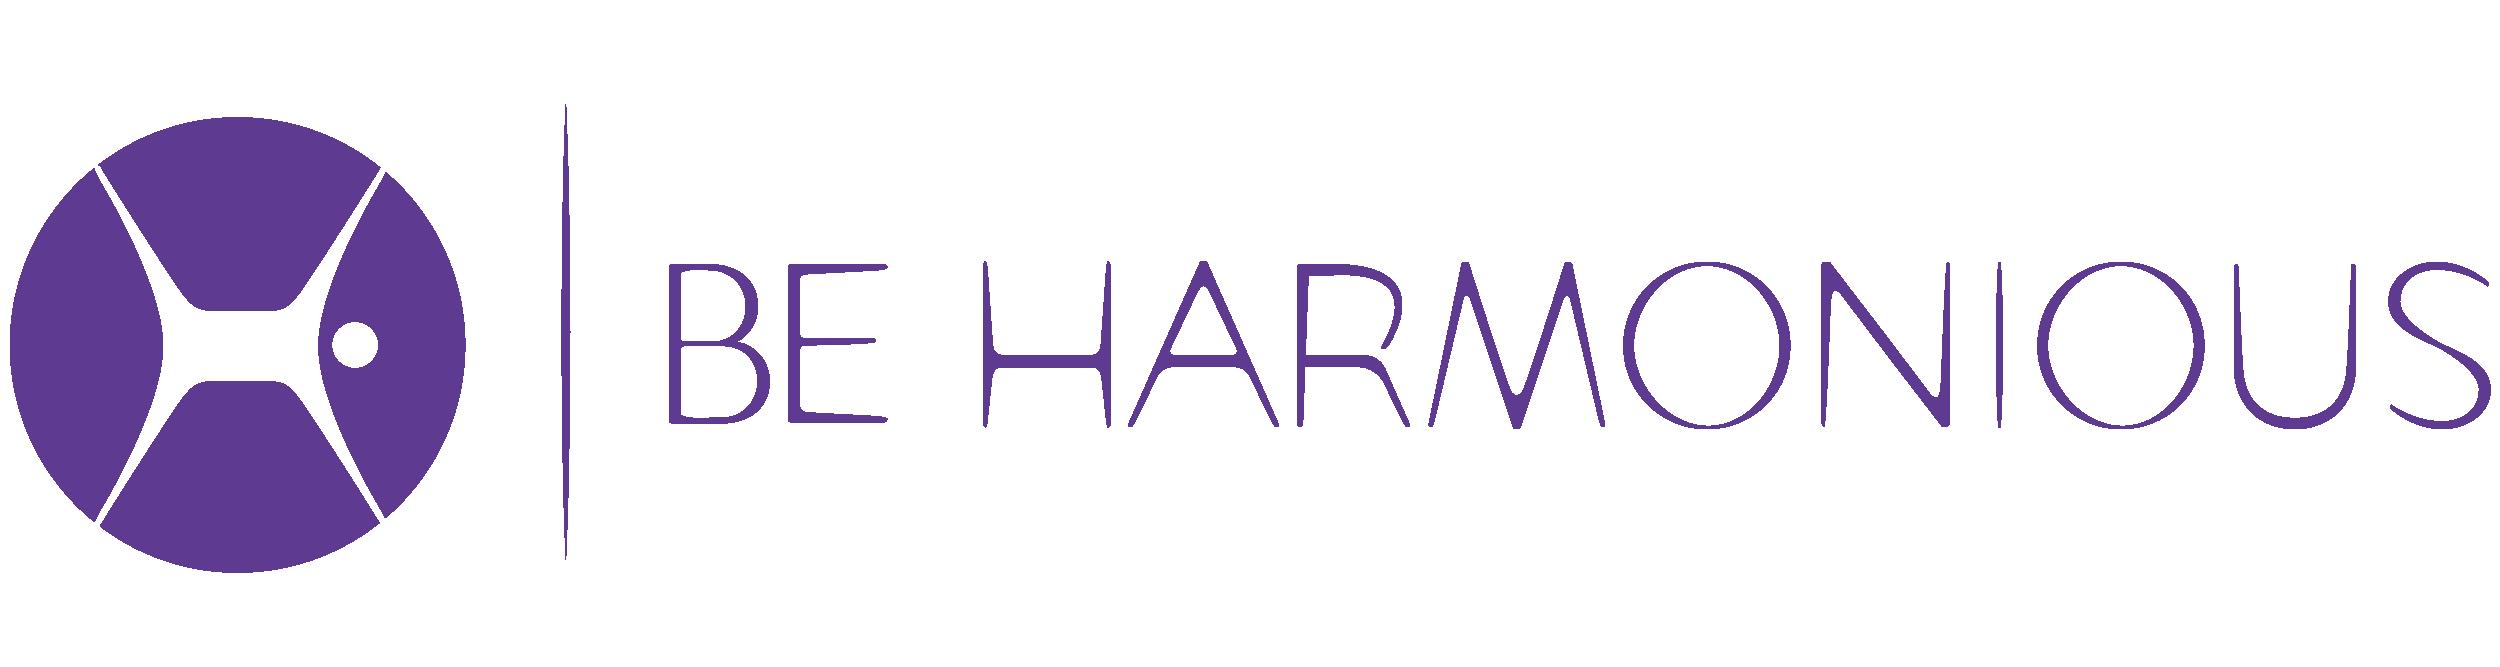 be harmonious logo